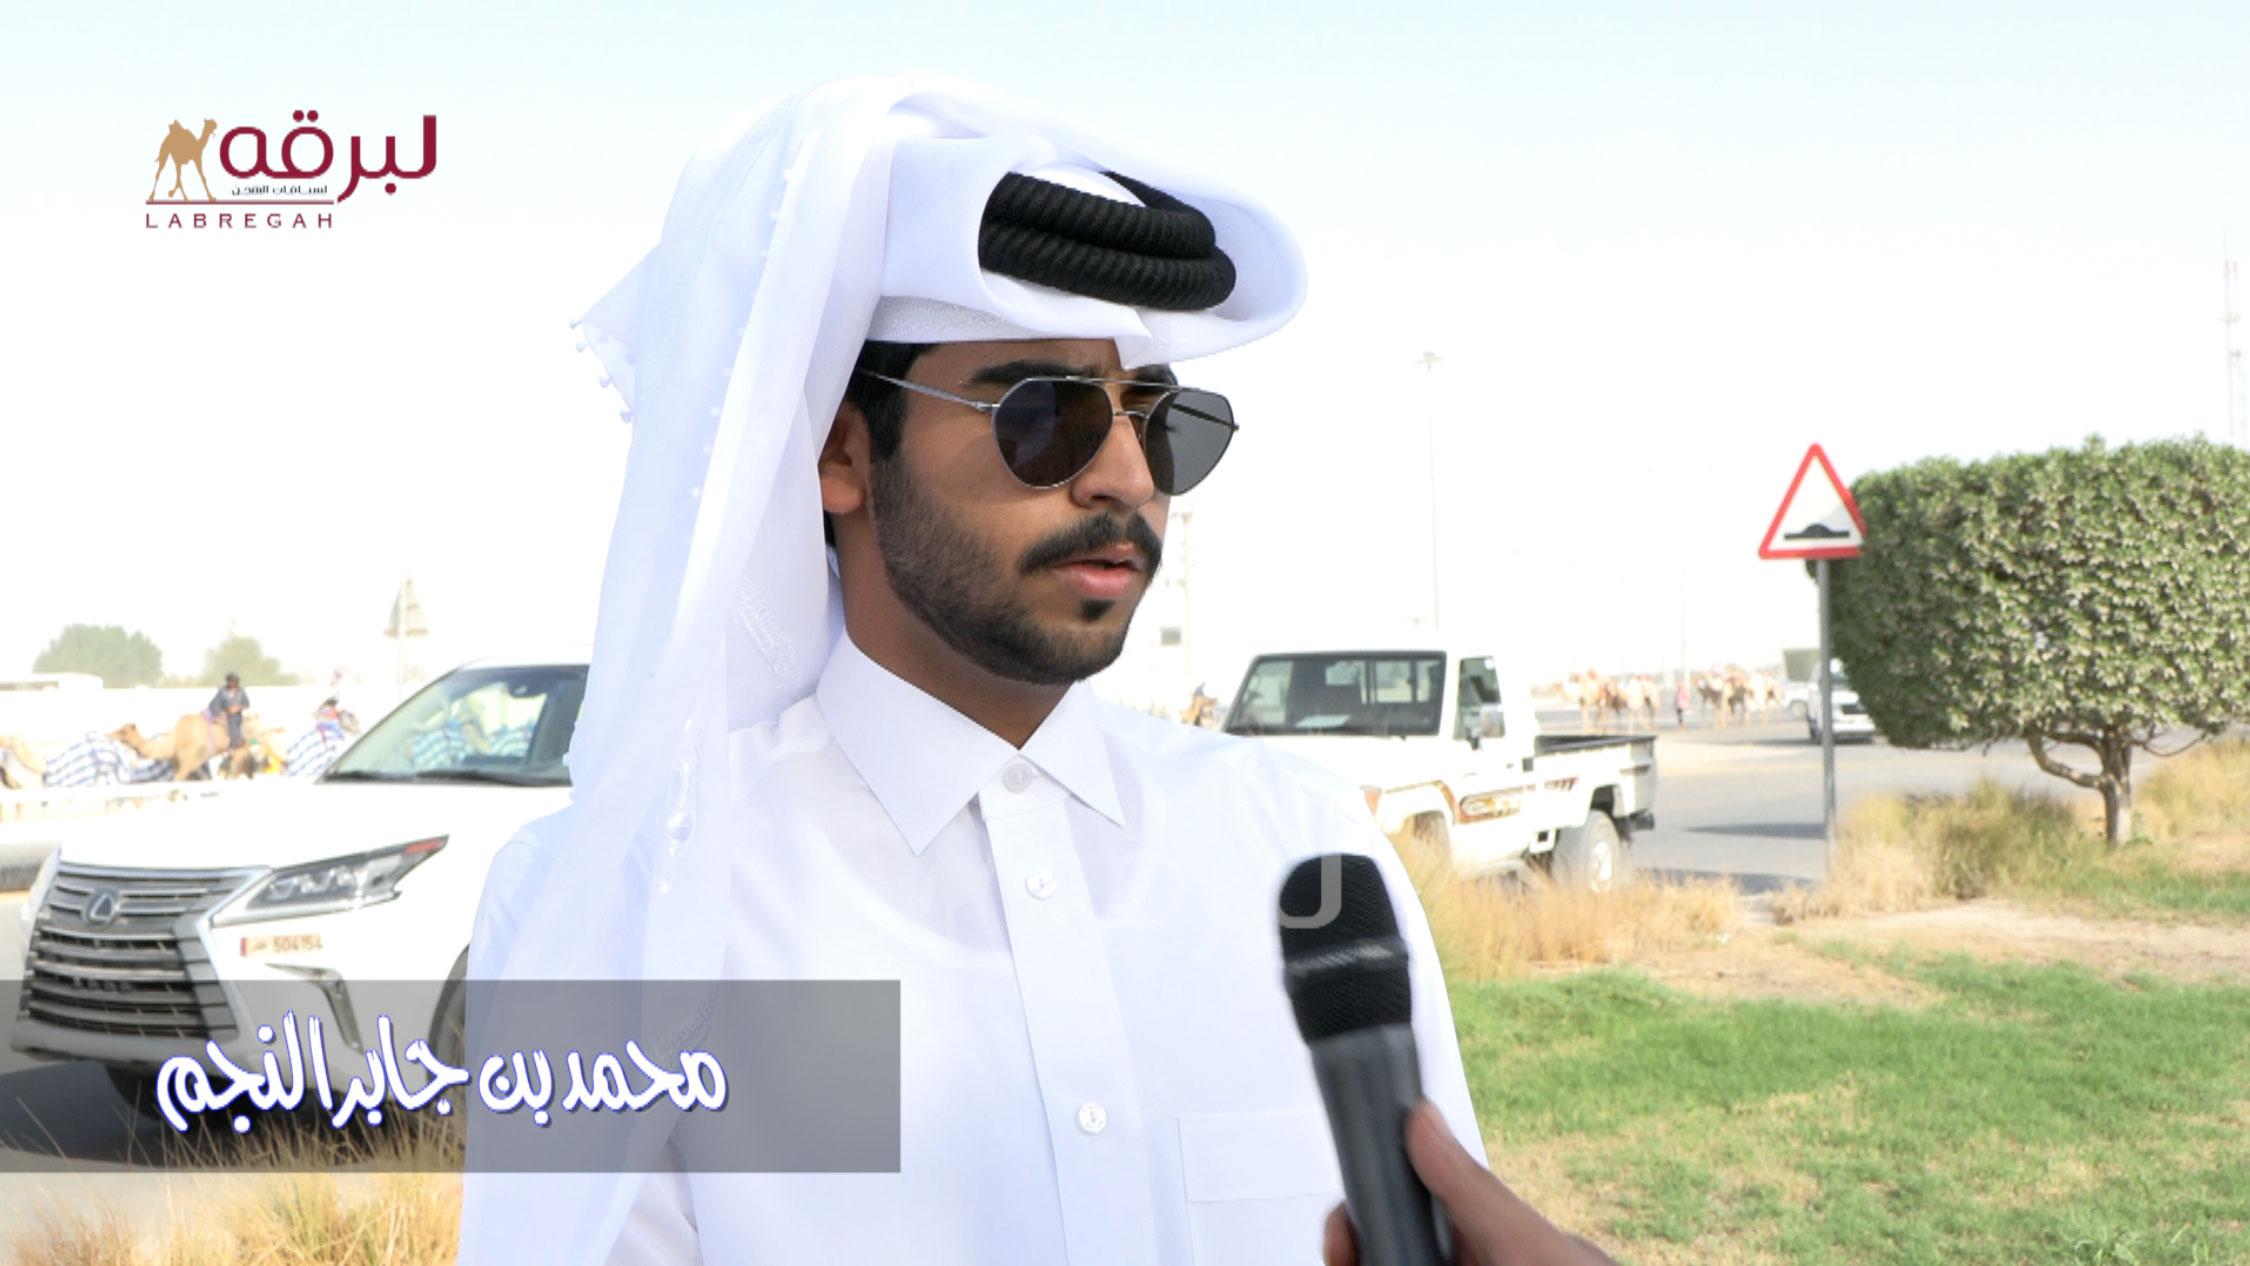 لقاء مع محمد بن جابر النجم.. الشوطين الرئيسيين للجذاع (مفتوح) ميدان الشحانية ٩-٩-٢٠٢١